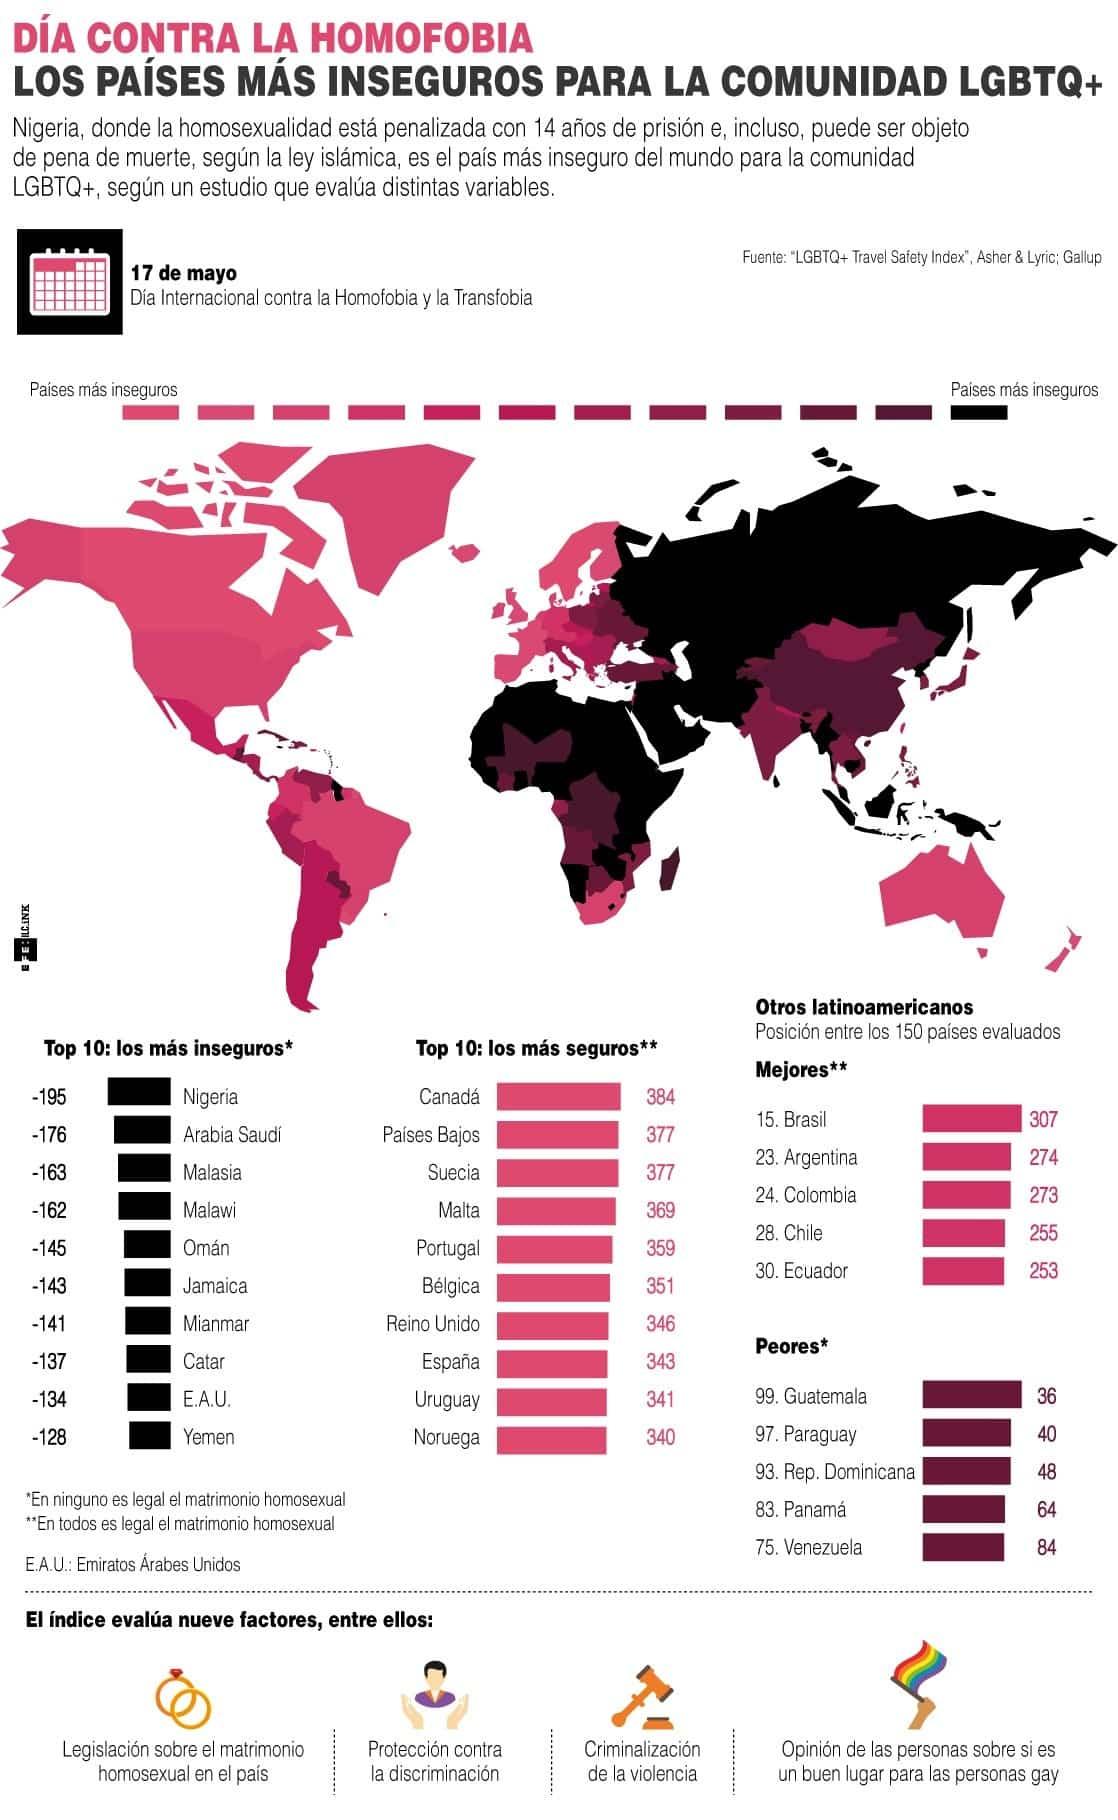 [Infografía] - Los países más inseguros para la comunidad LGBTQ+ 1